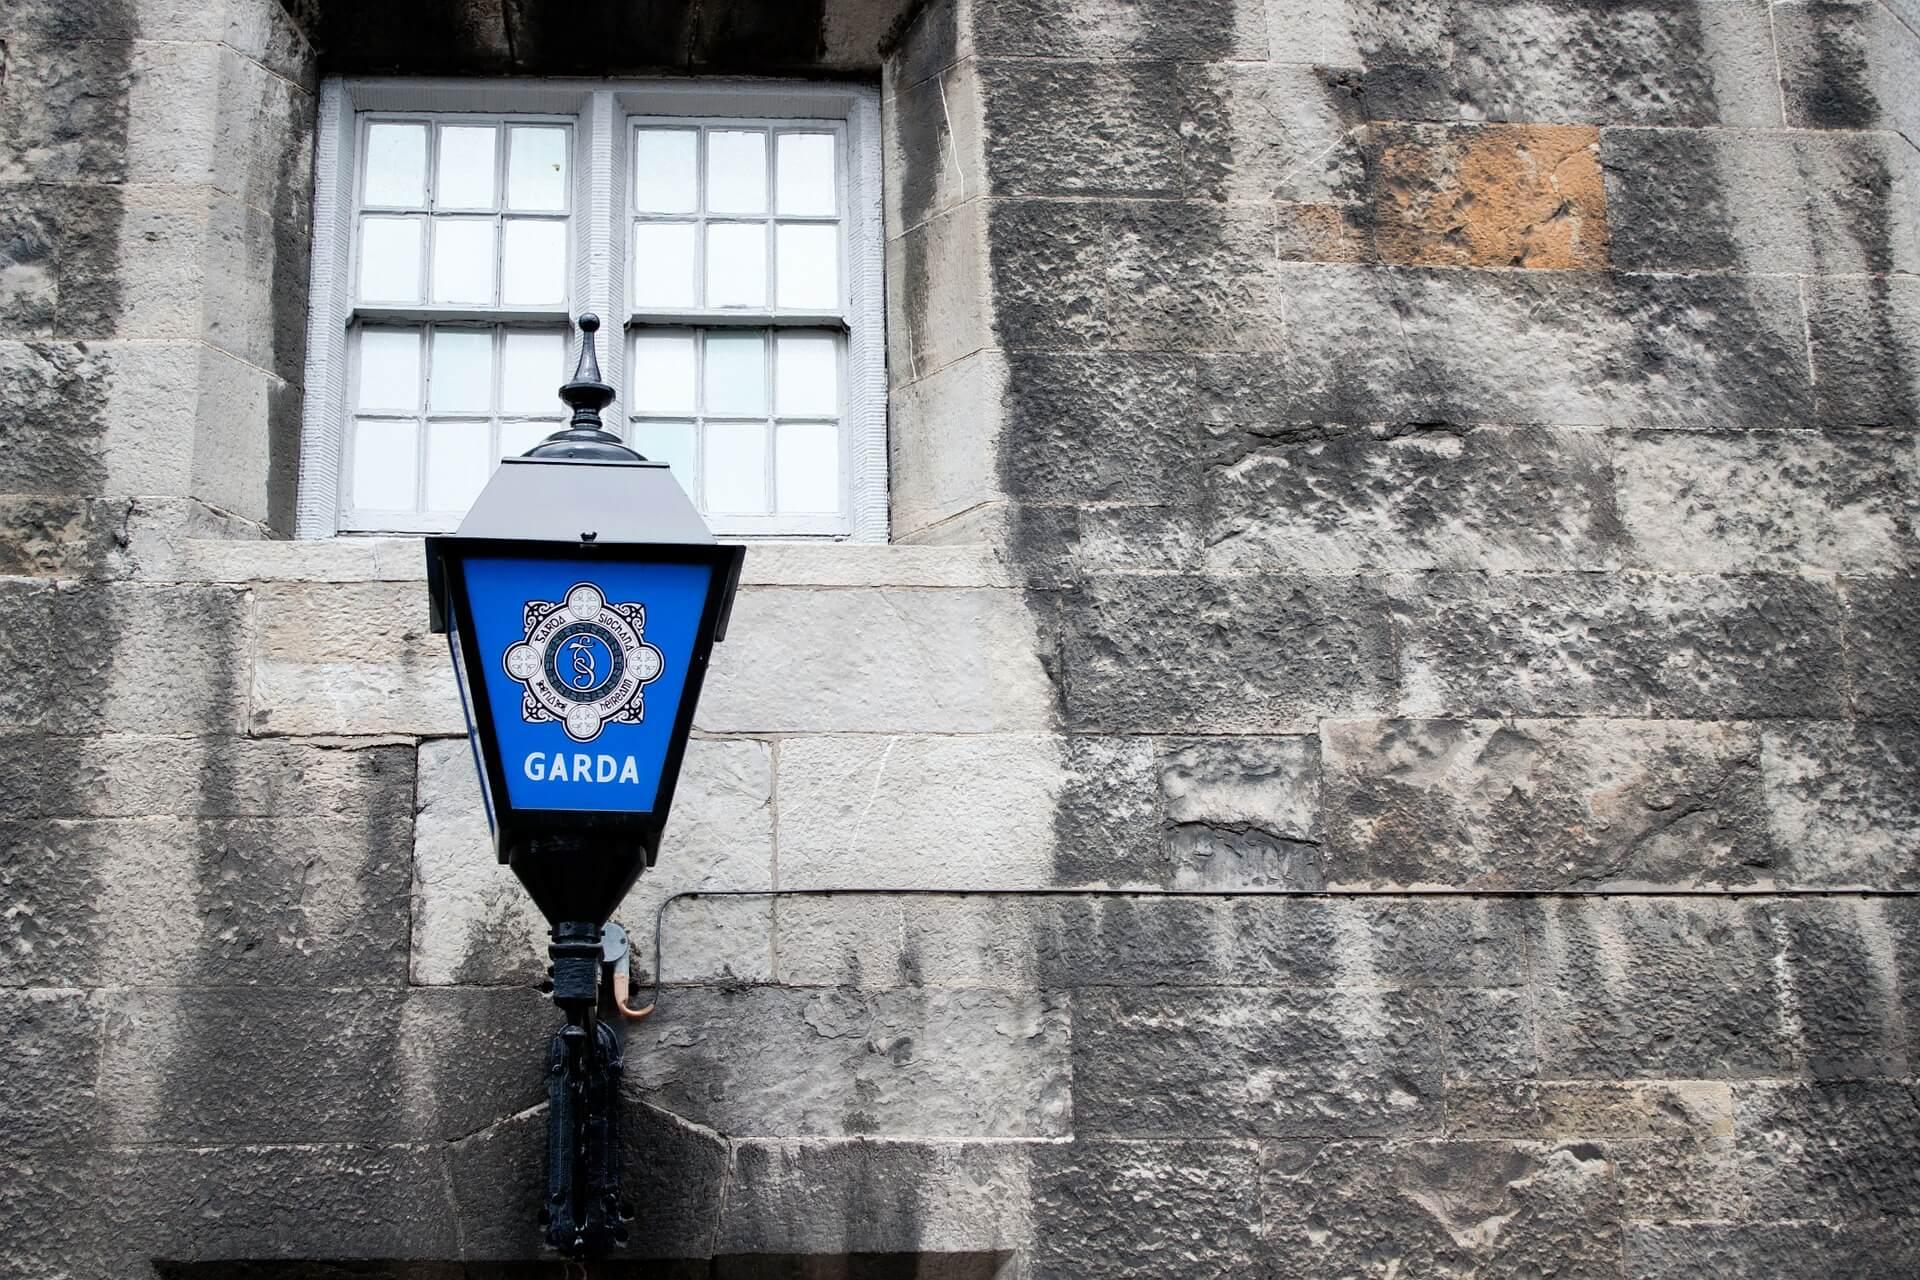 Garda Ireland